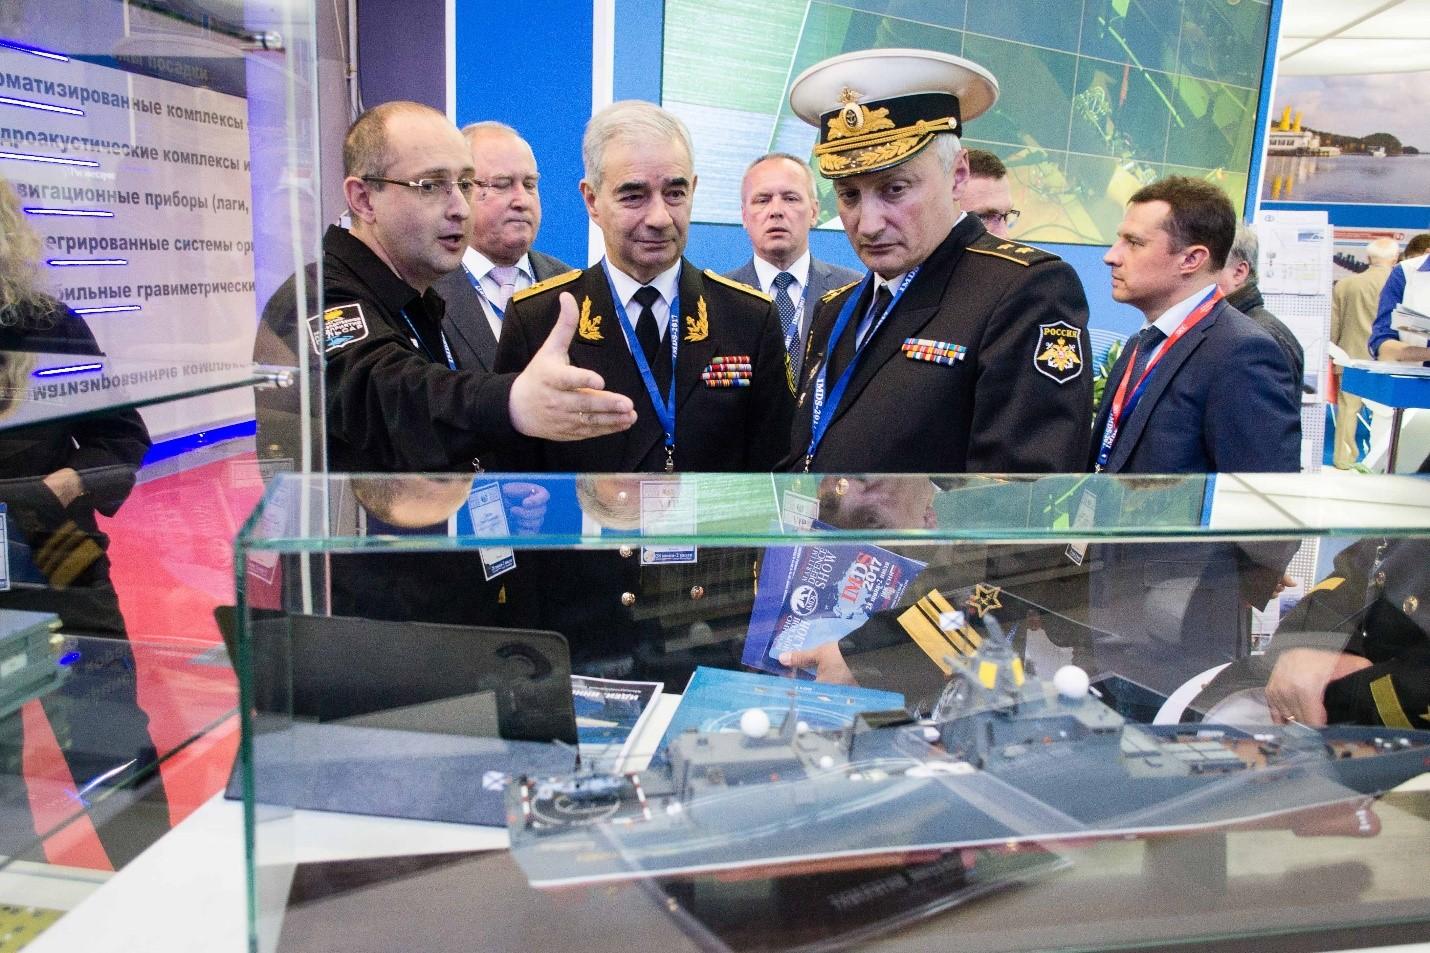 Макет российского корабля